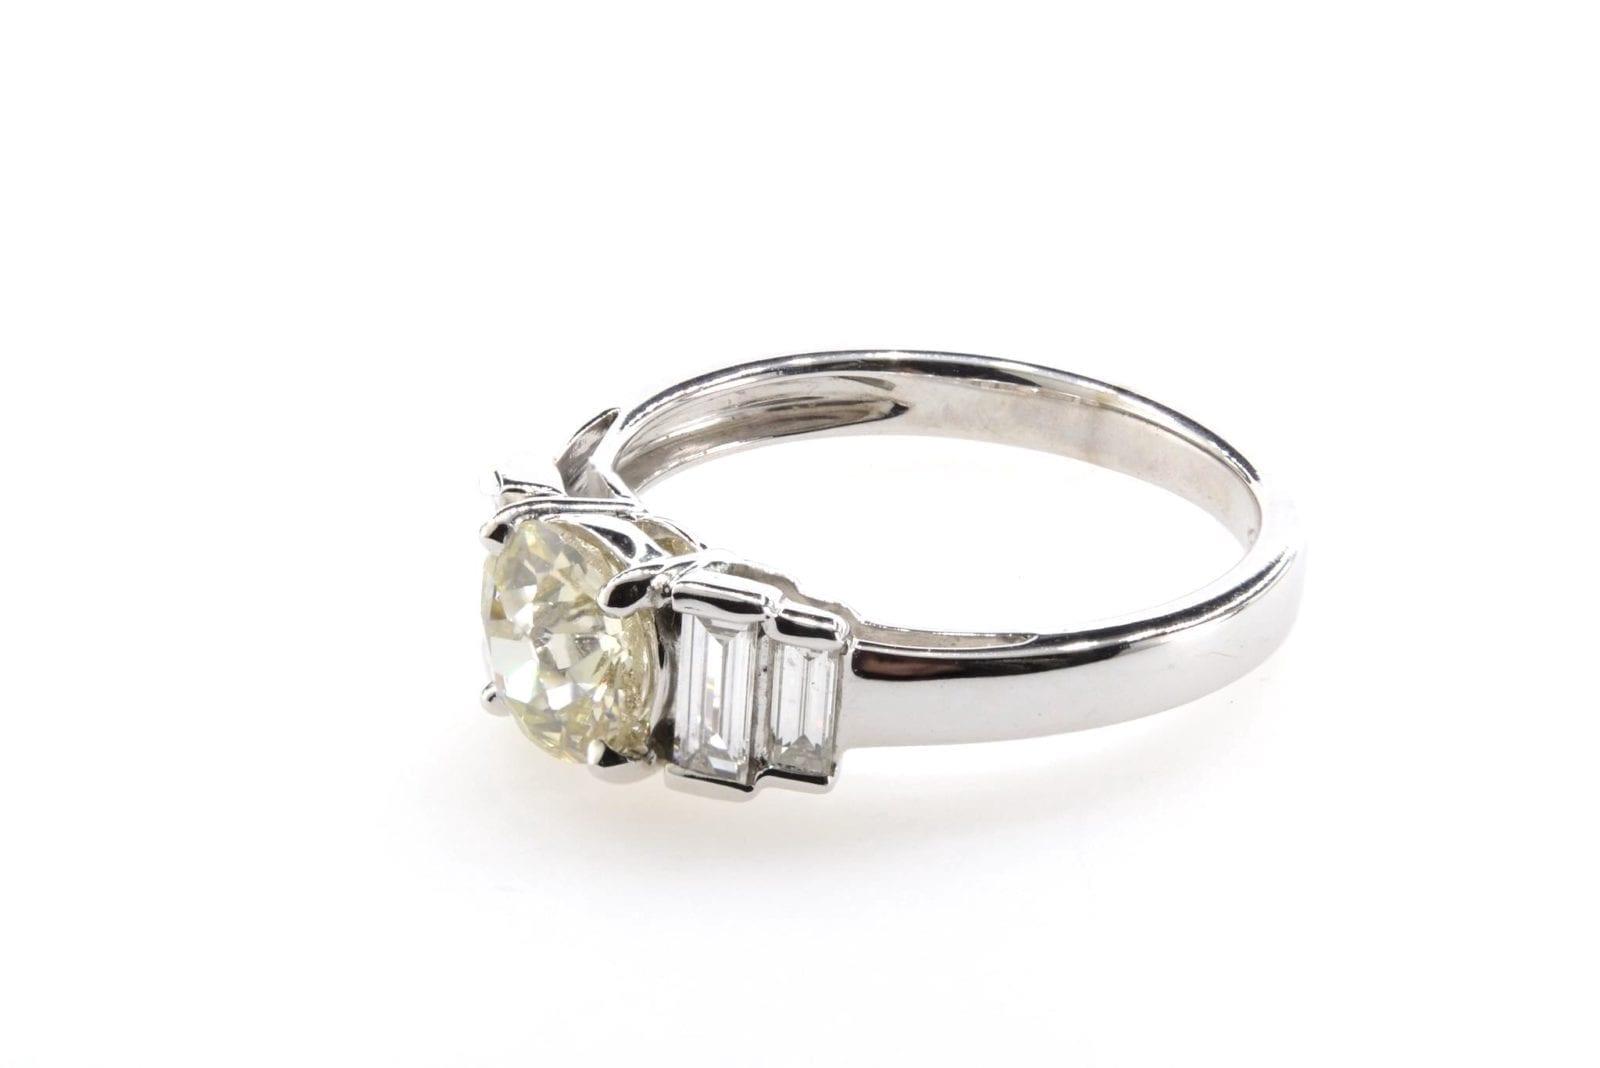 bague solitaire diamants baguettes en or blanc 18k